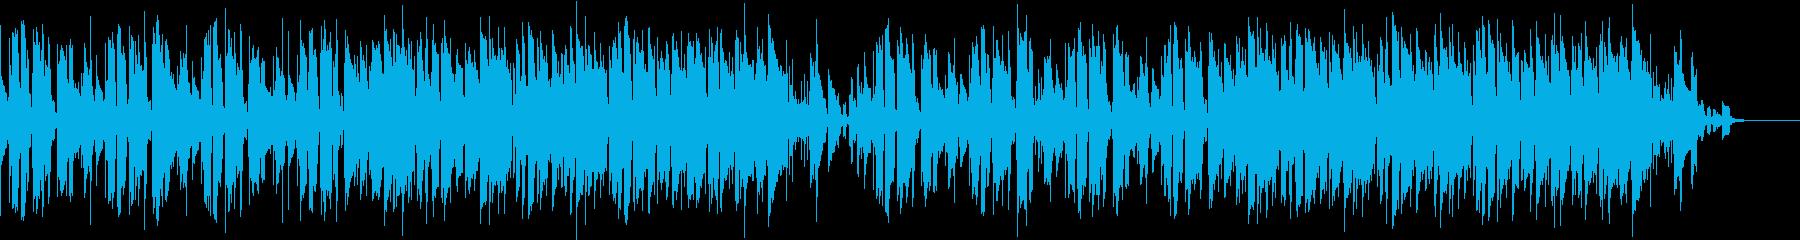 ドラムレスのリズムが印象的なポップギターの再生済みの波形